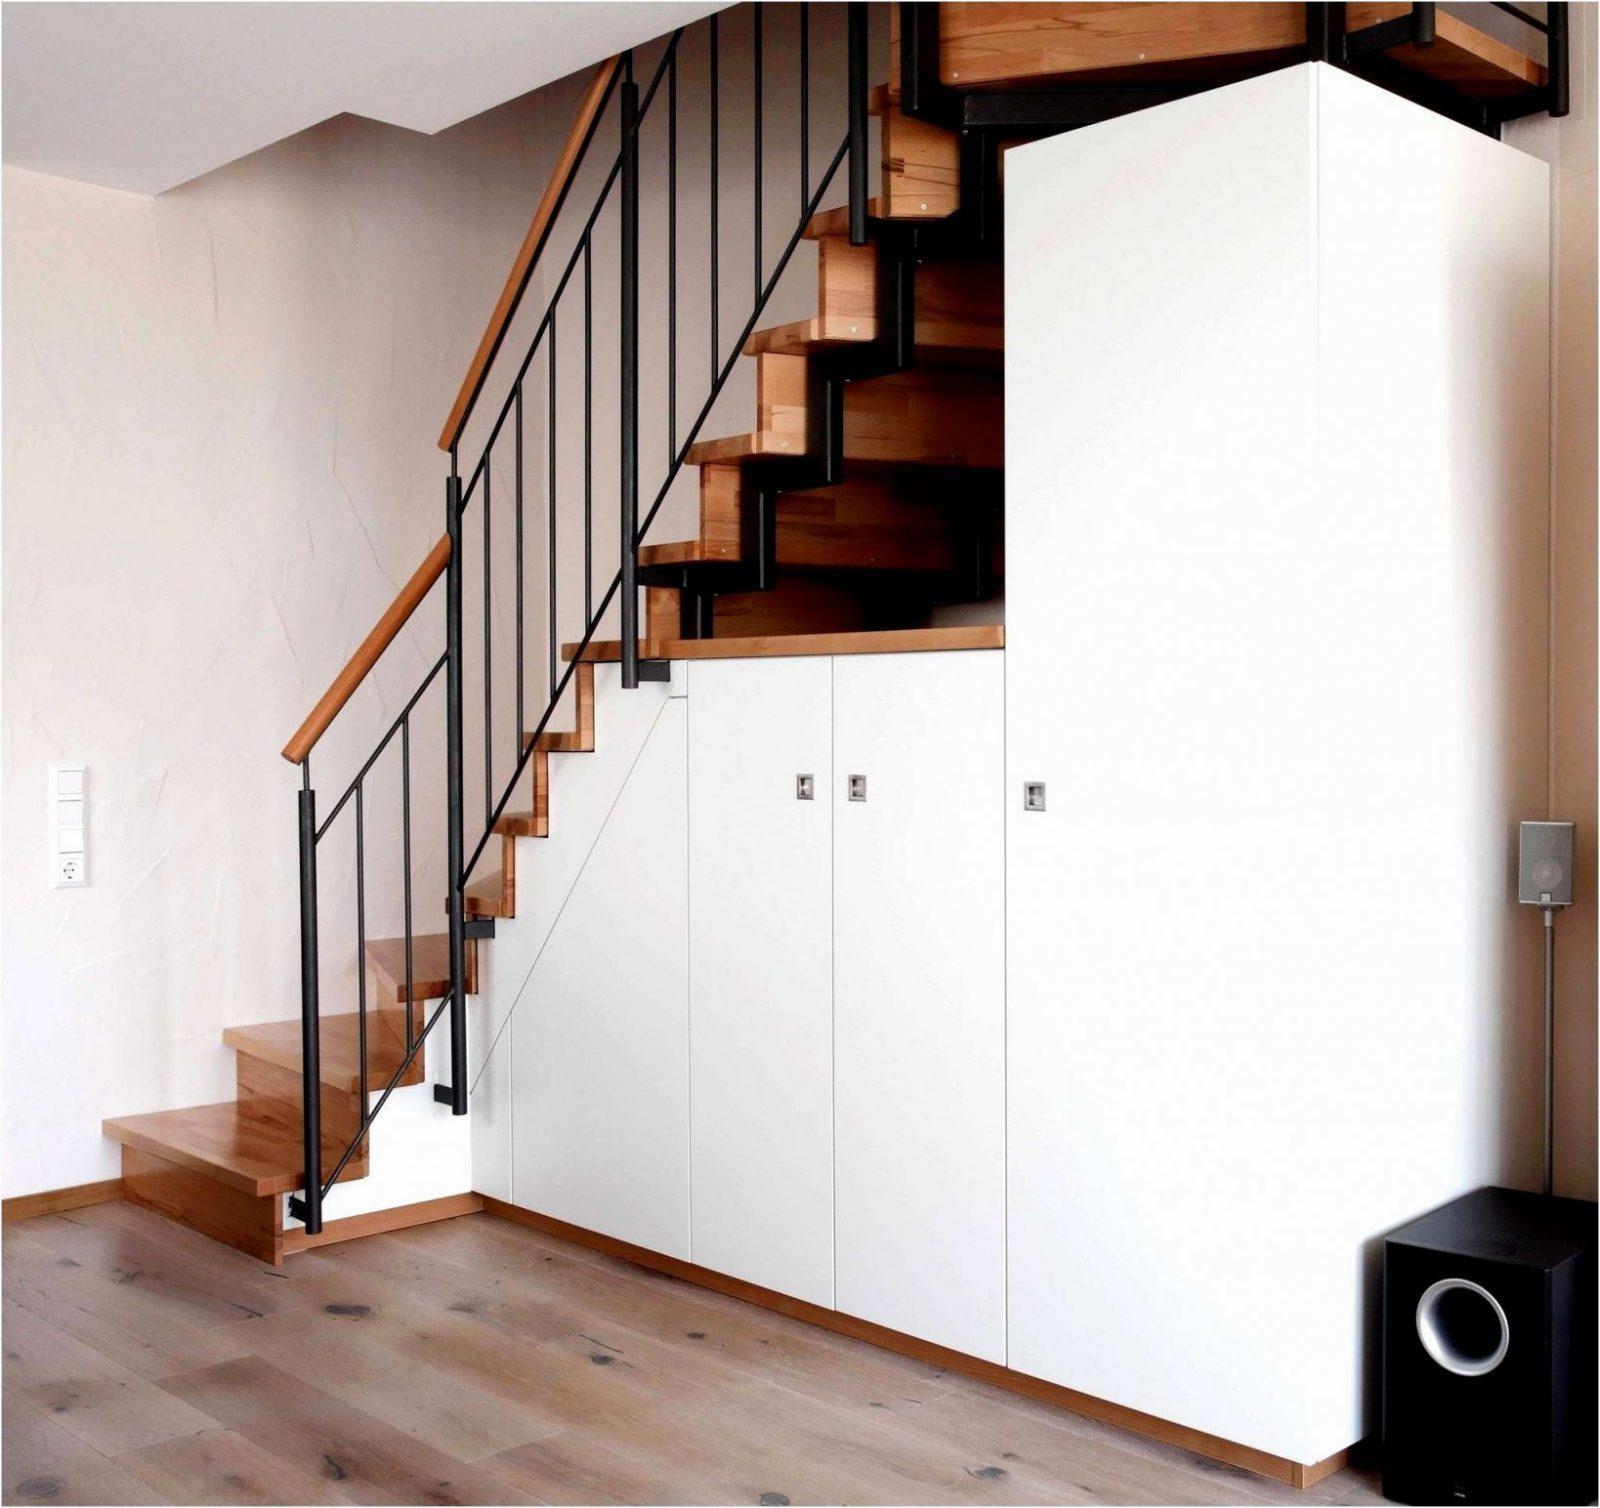 45 Neu Treppe Metall Bilder  Vervollständigen Sie Die von Kindersicherung Treppe Selber Bauen Bild